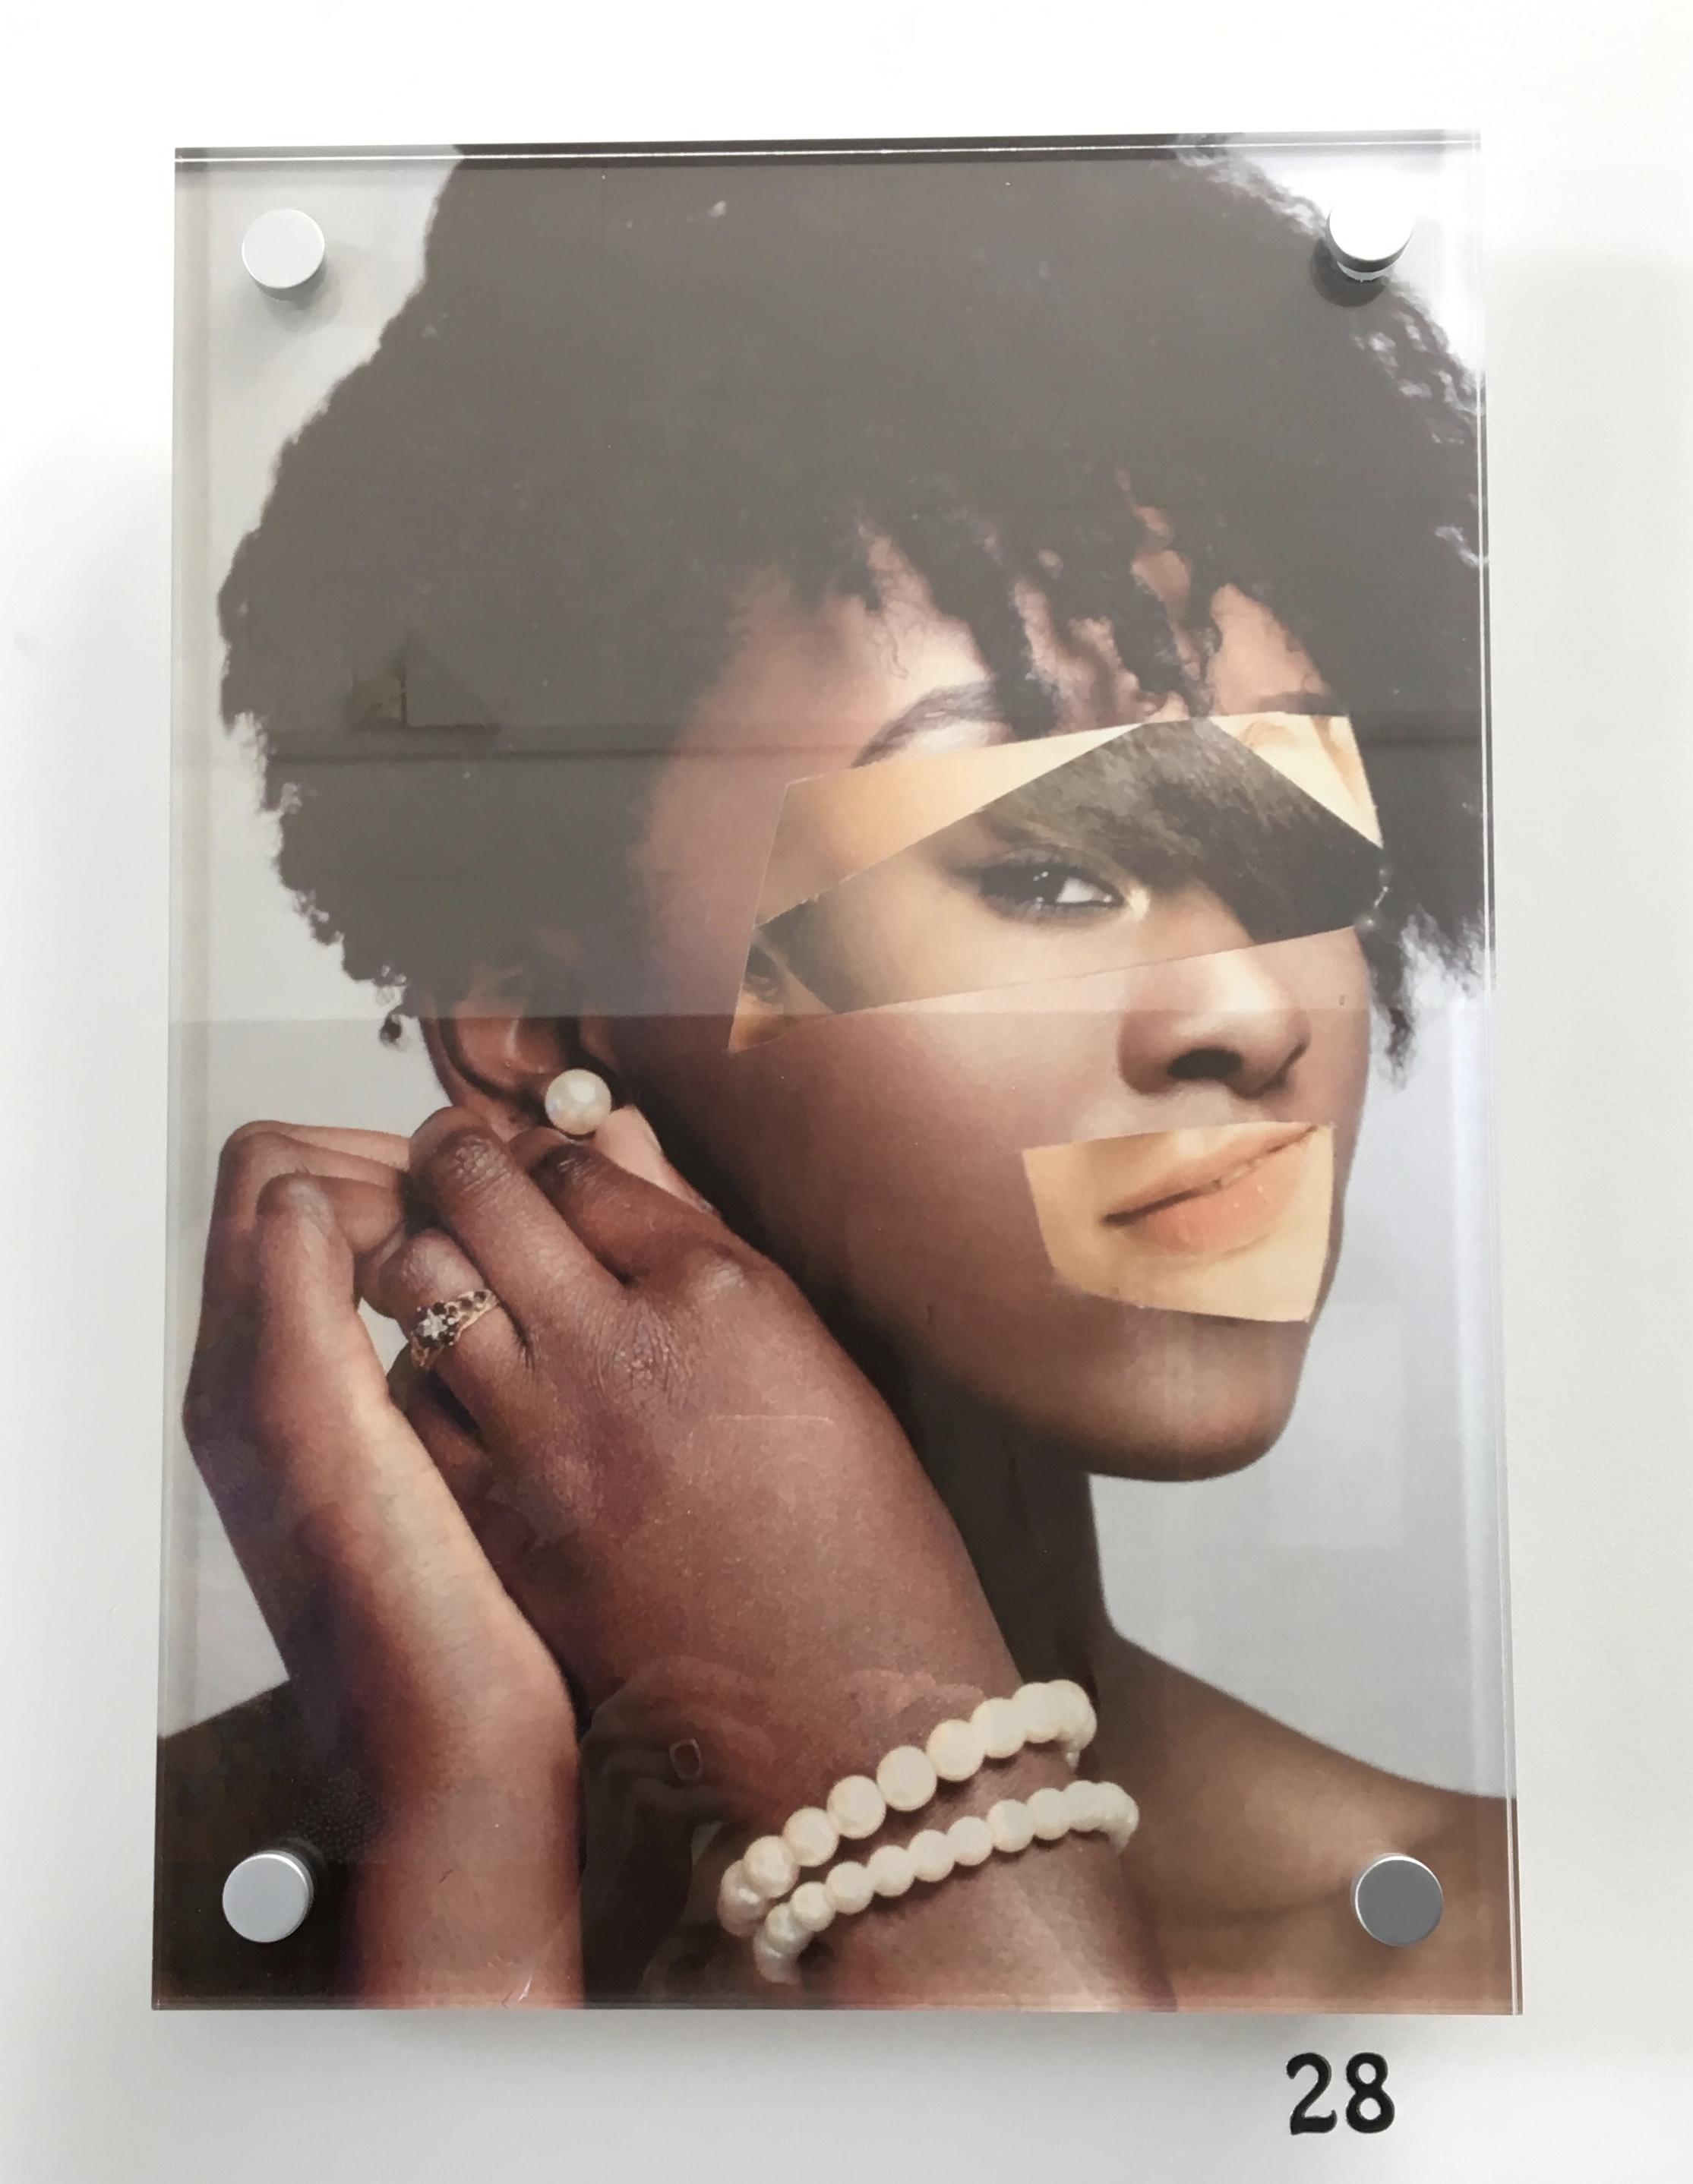 28. Untitled, Jennifer Sim, 30 x 42 x 3.5, £ offers